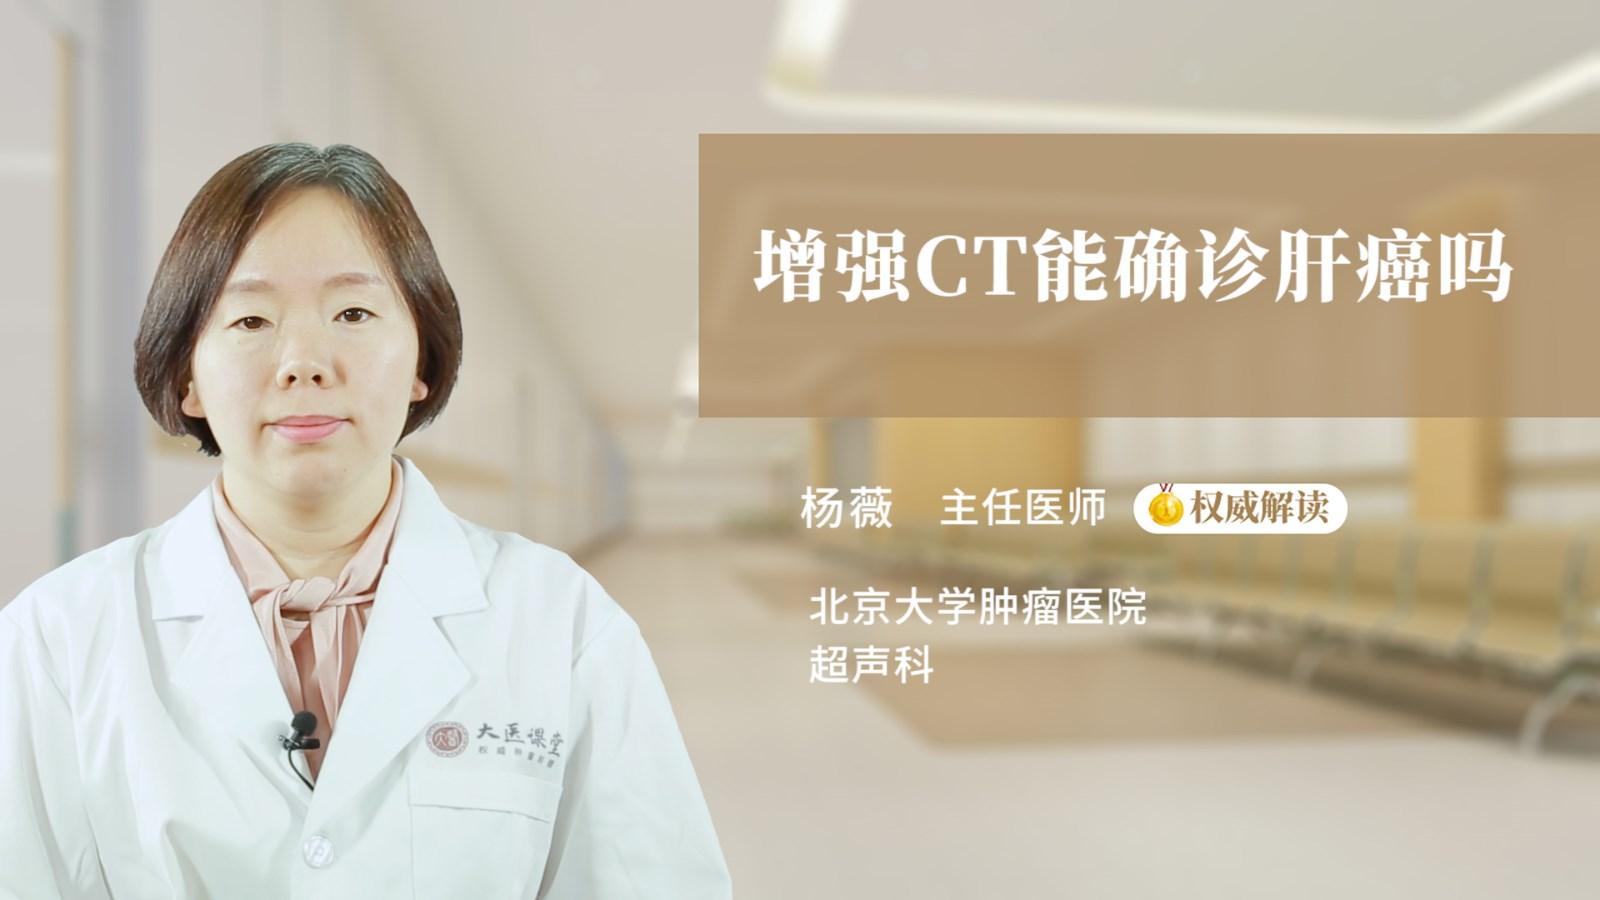 增强CT能确诊肝癌吗